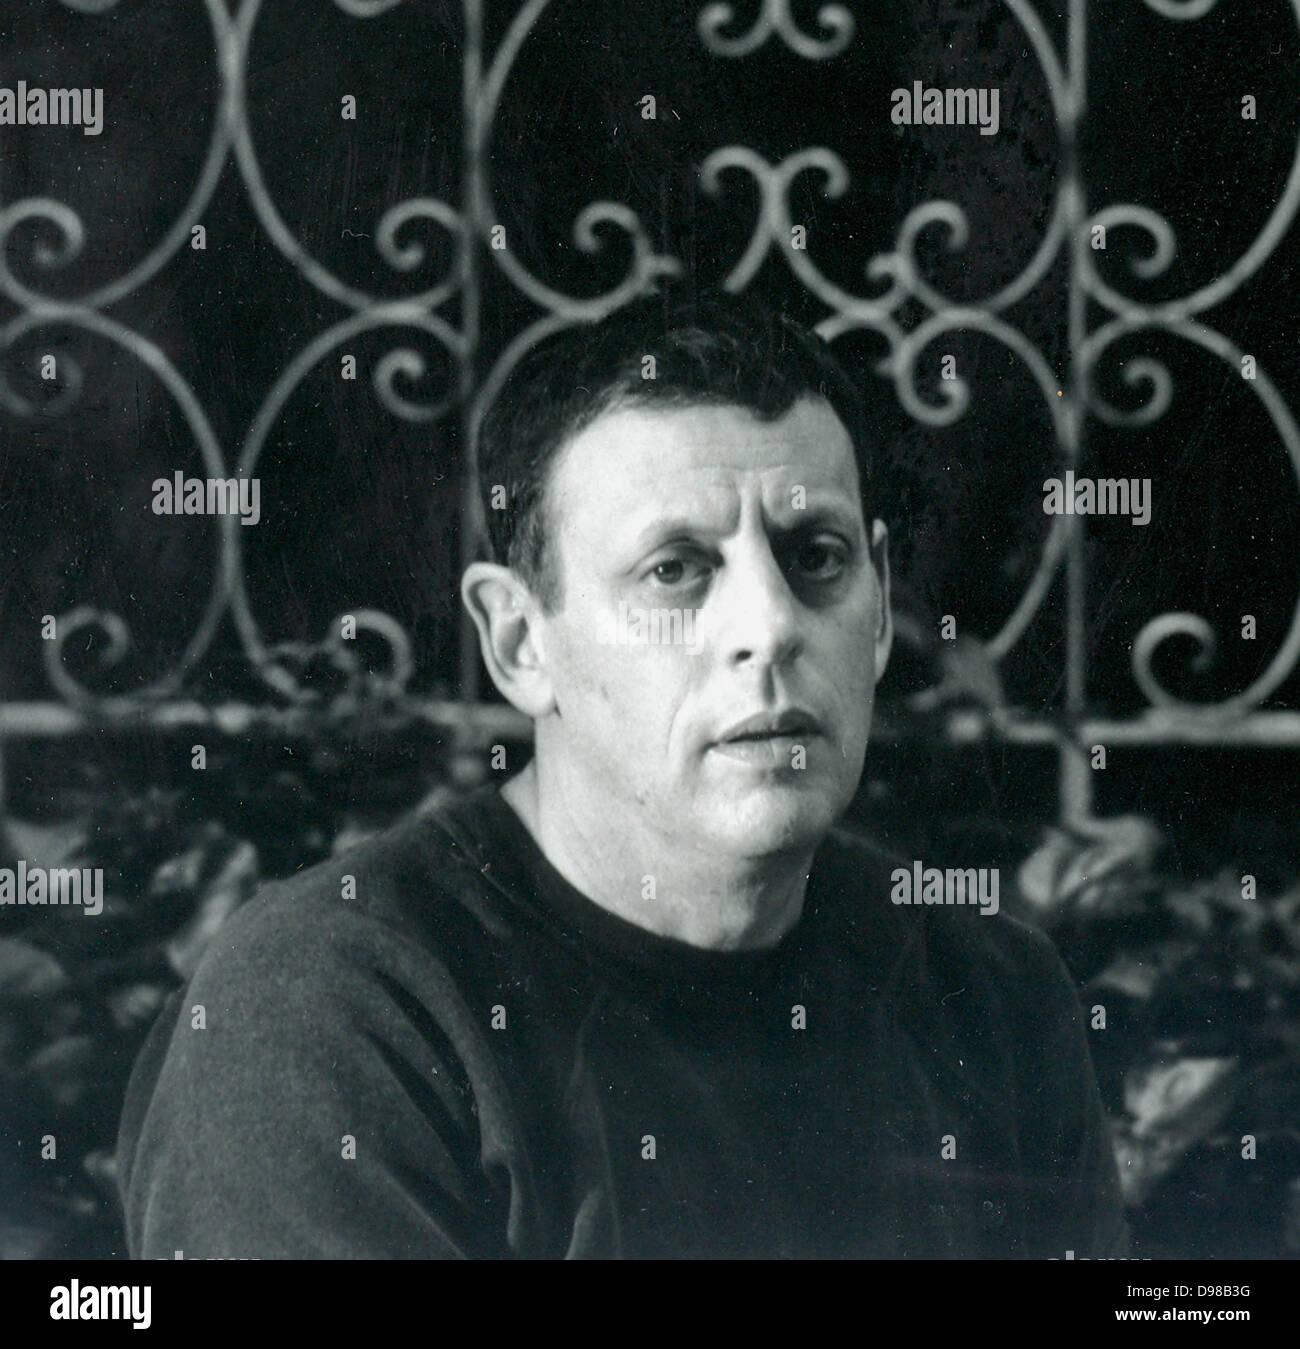 Philip Glass (nacido en 1937) en 1989. Compositor estadounidense. Imagen De Stock